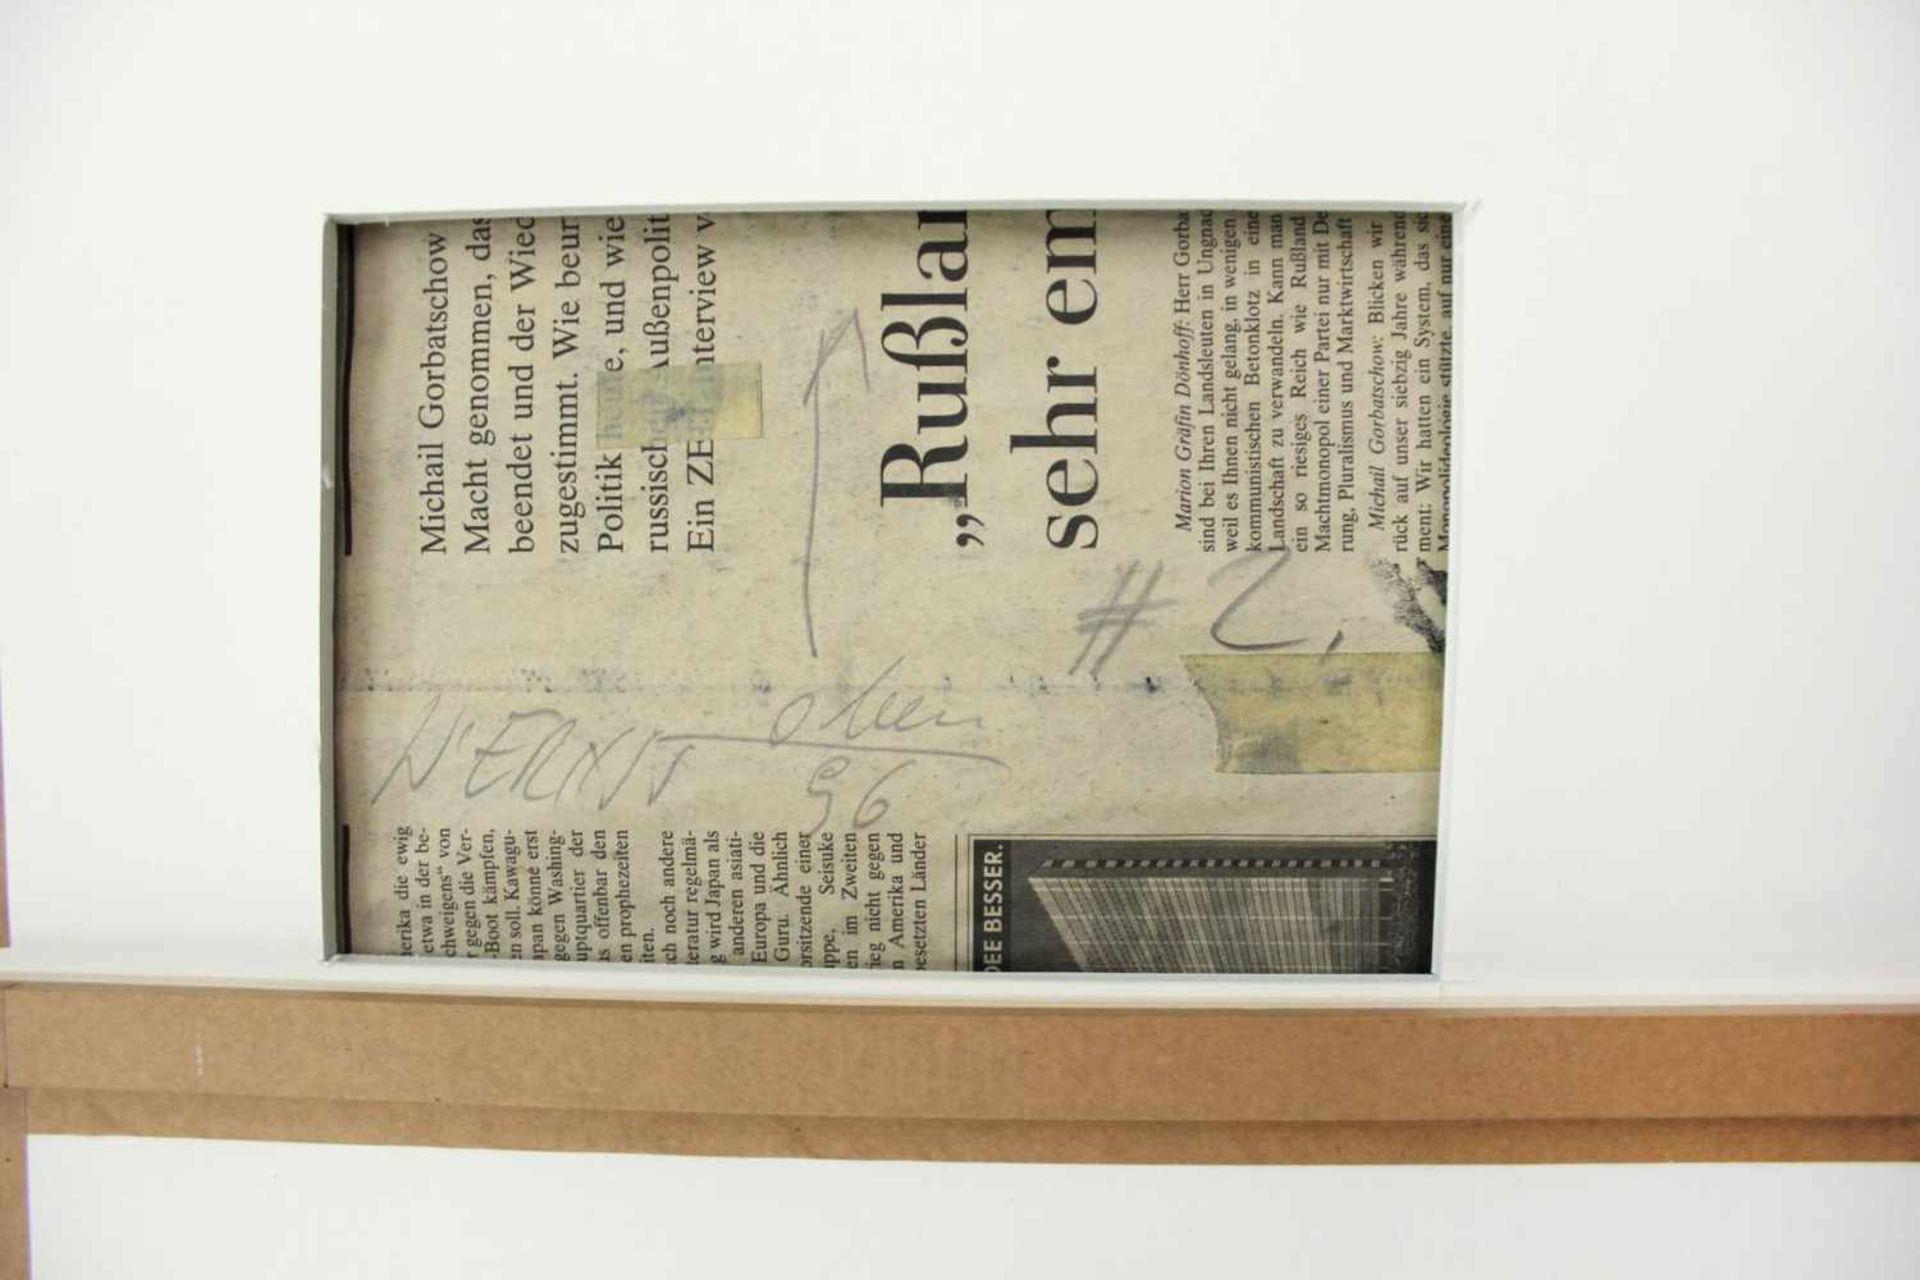 Wolfgang Ernst geb. 1942 o.T. (#2) 1996 Graphit auf Zeitungspapier handsigniert und datiert verso 55 - Bild 4 aus 4